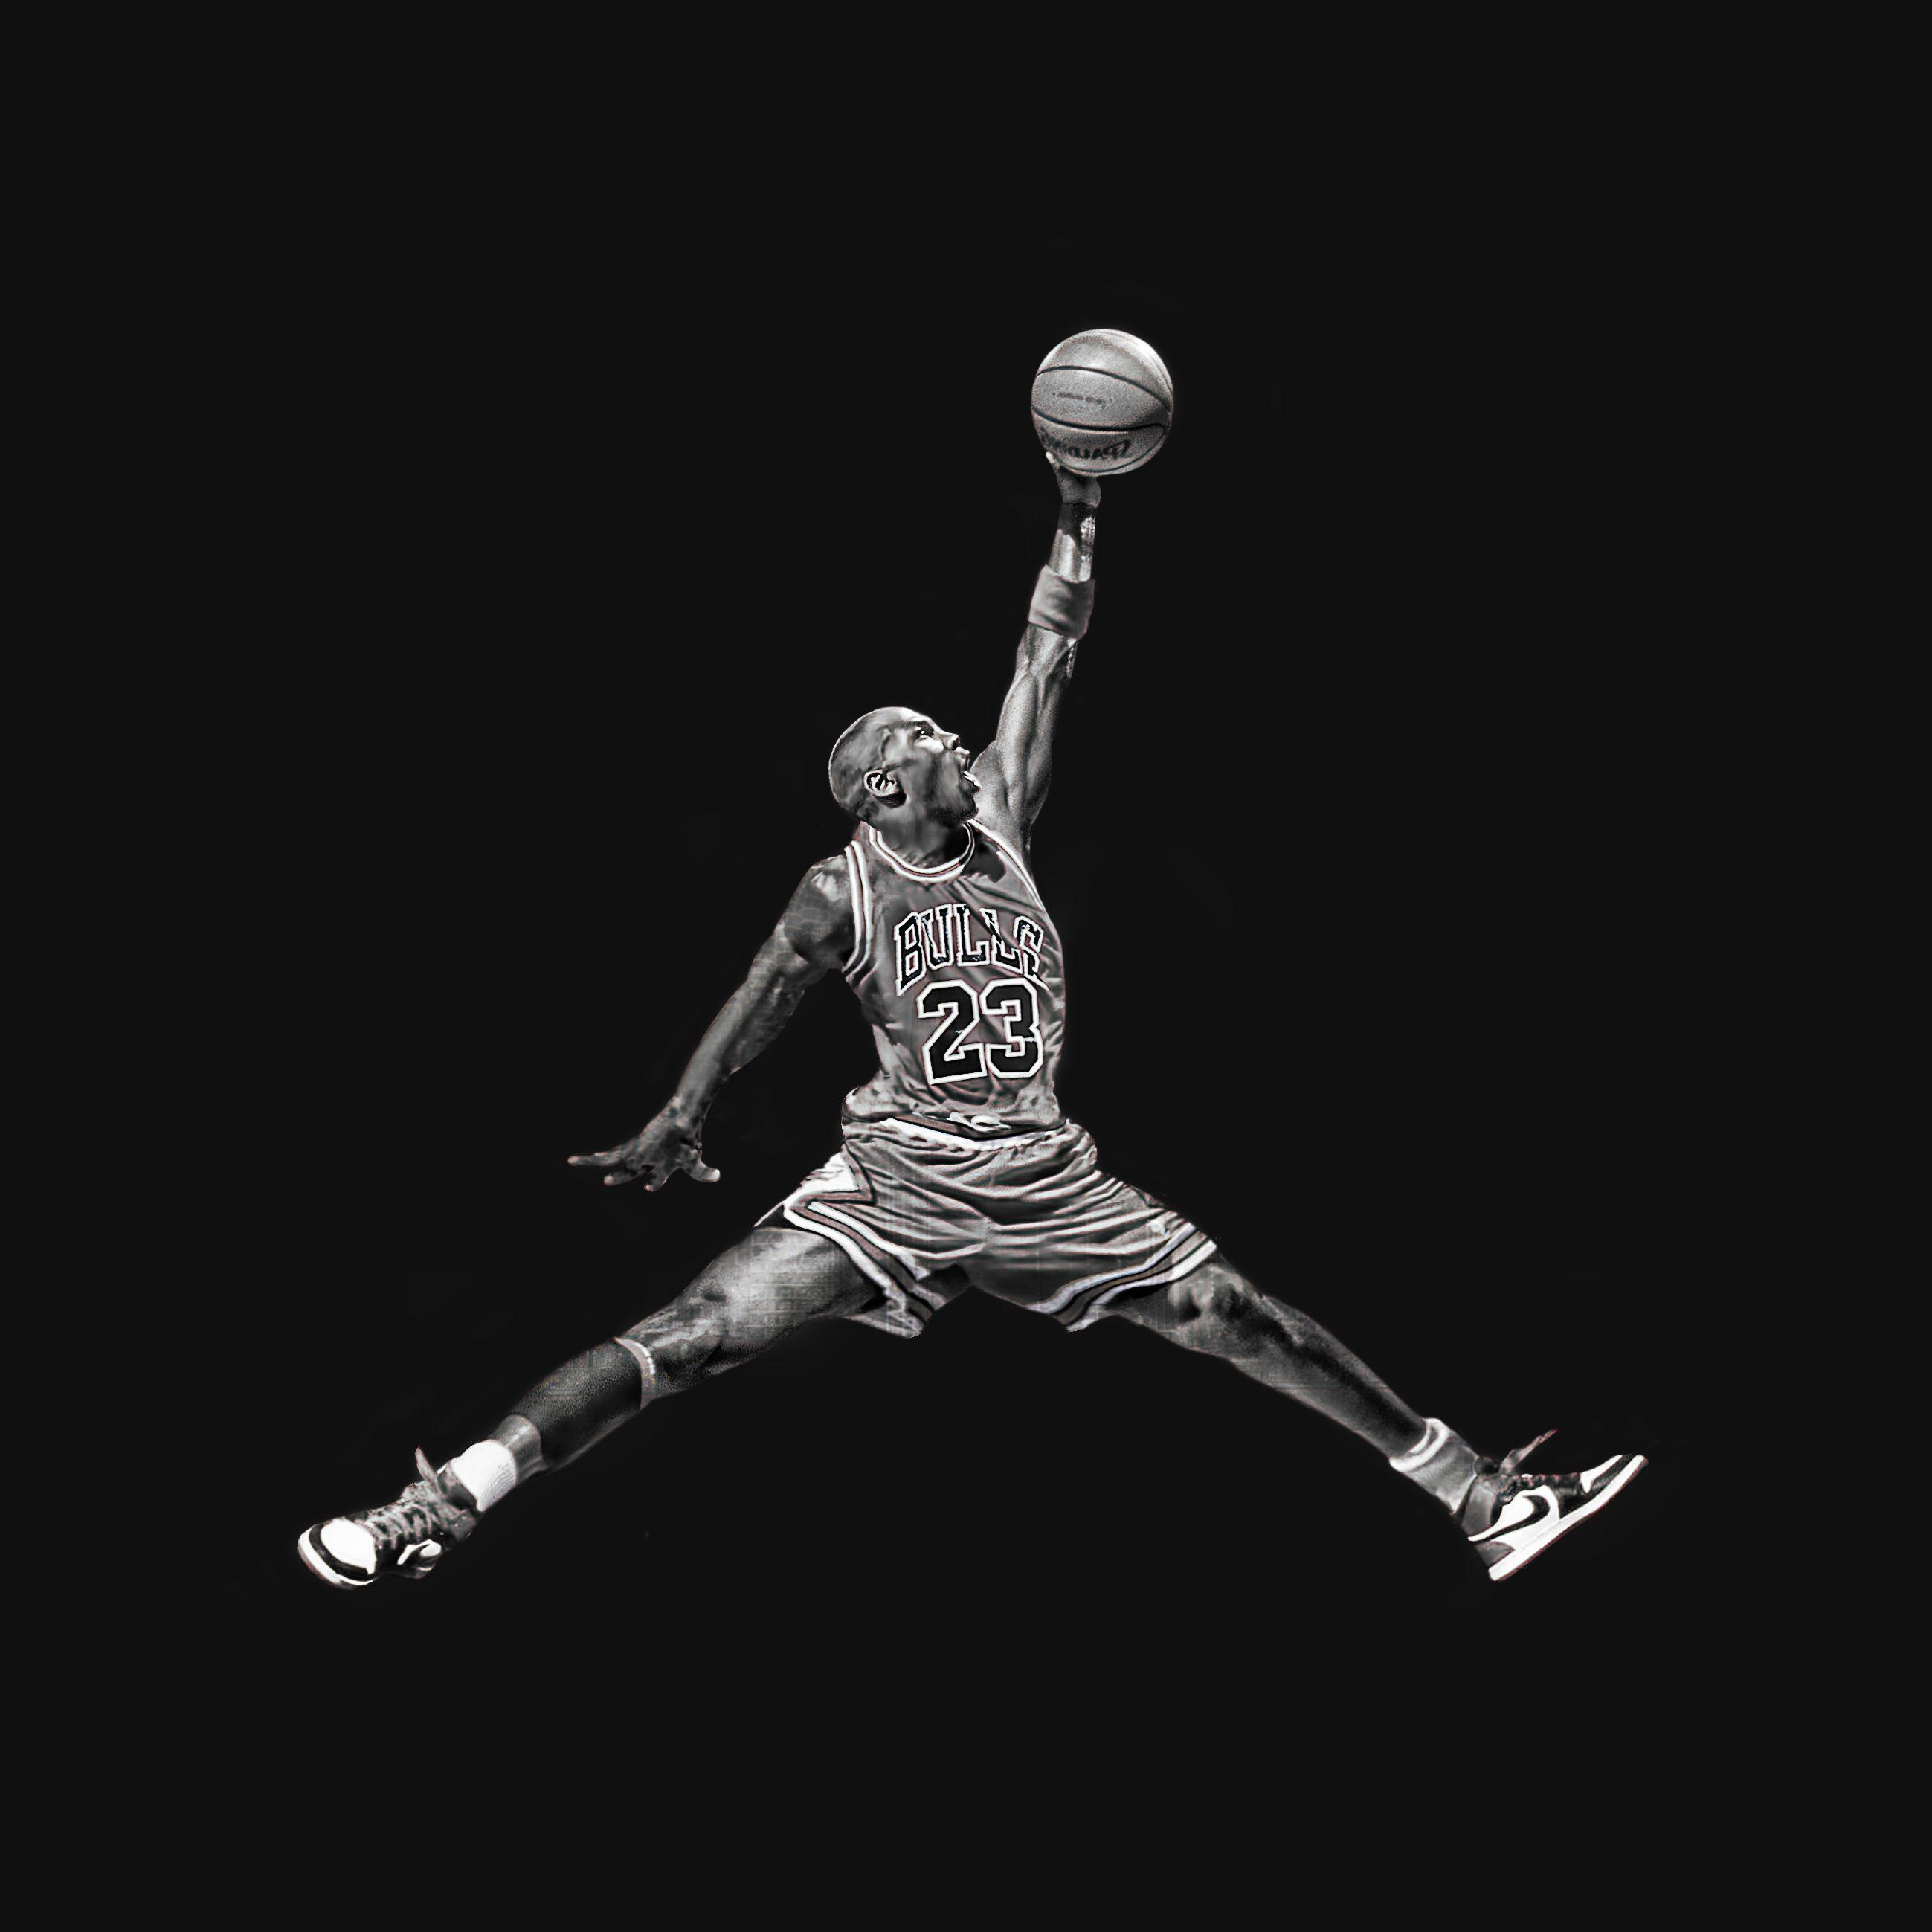 """Michael Jordan's iconic """"Jumpman"""" logo in real life"""